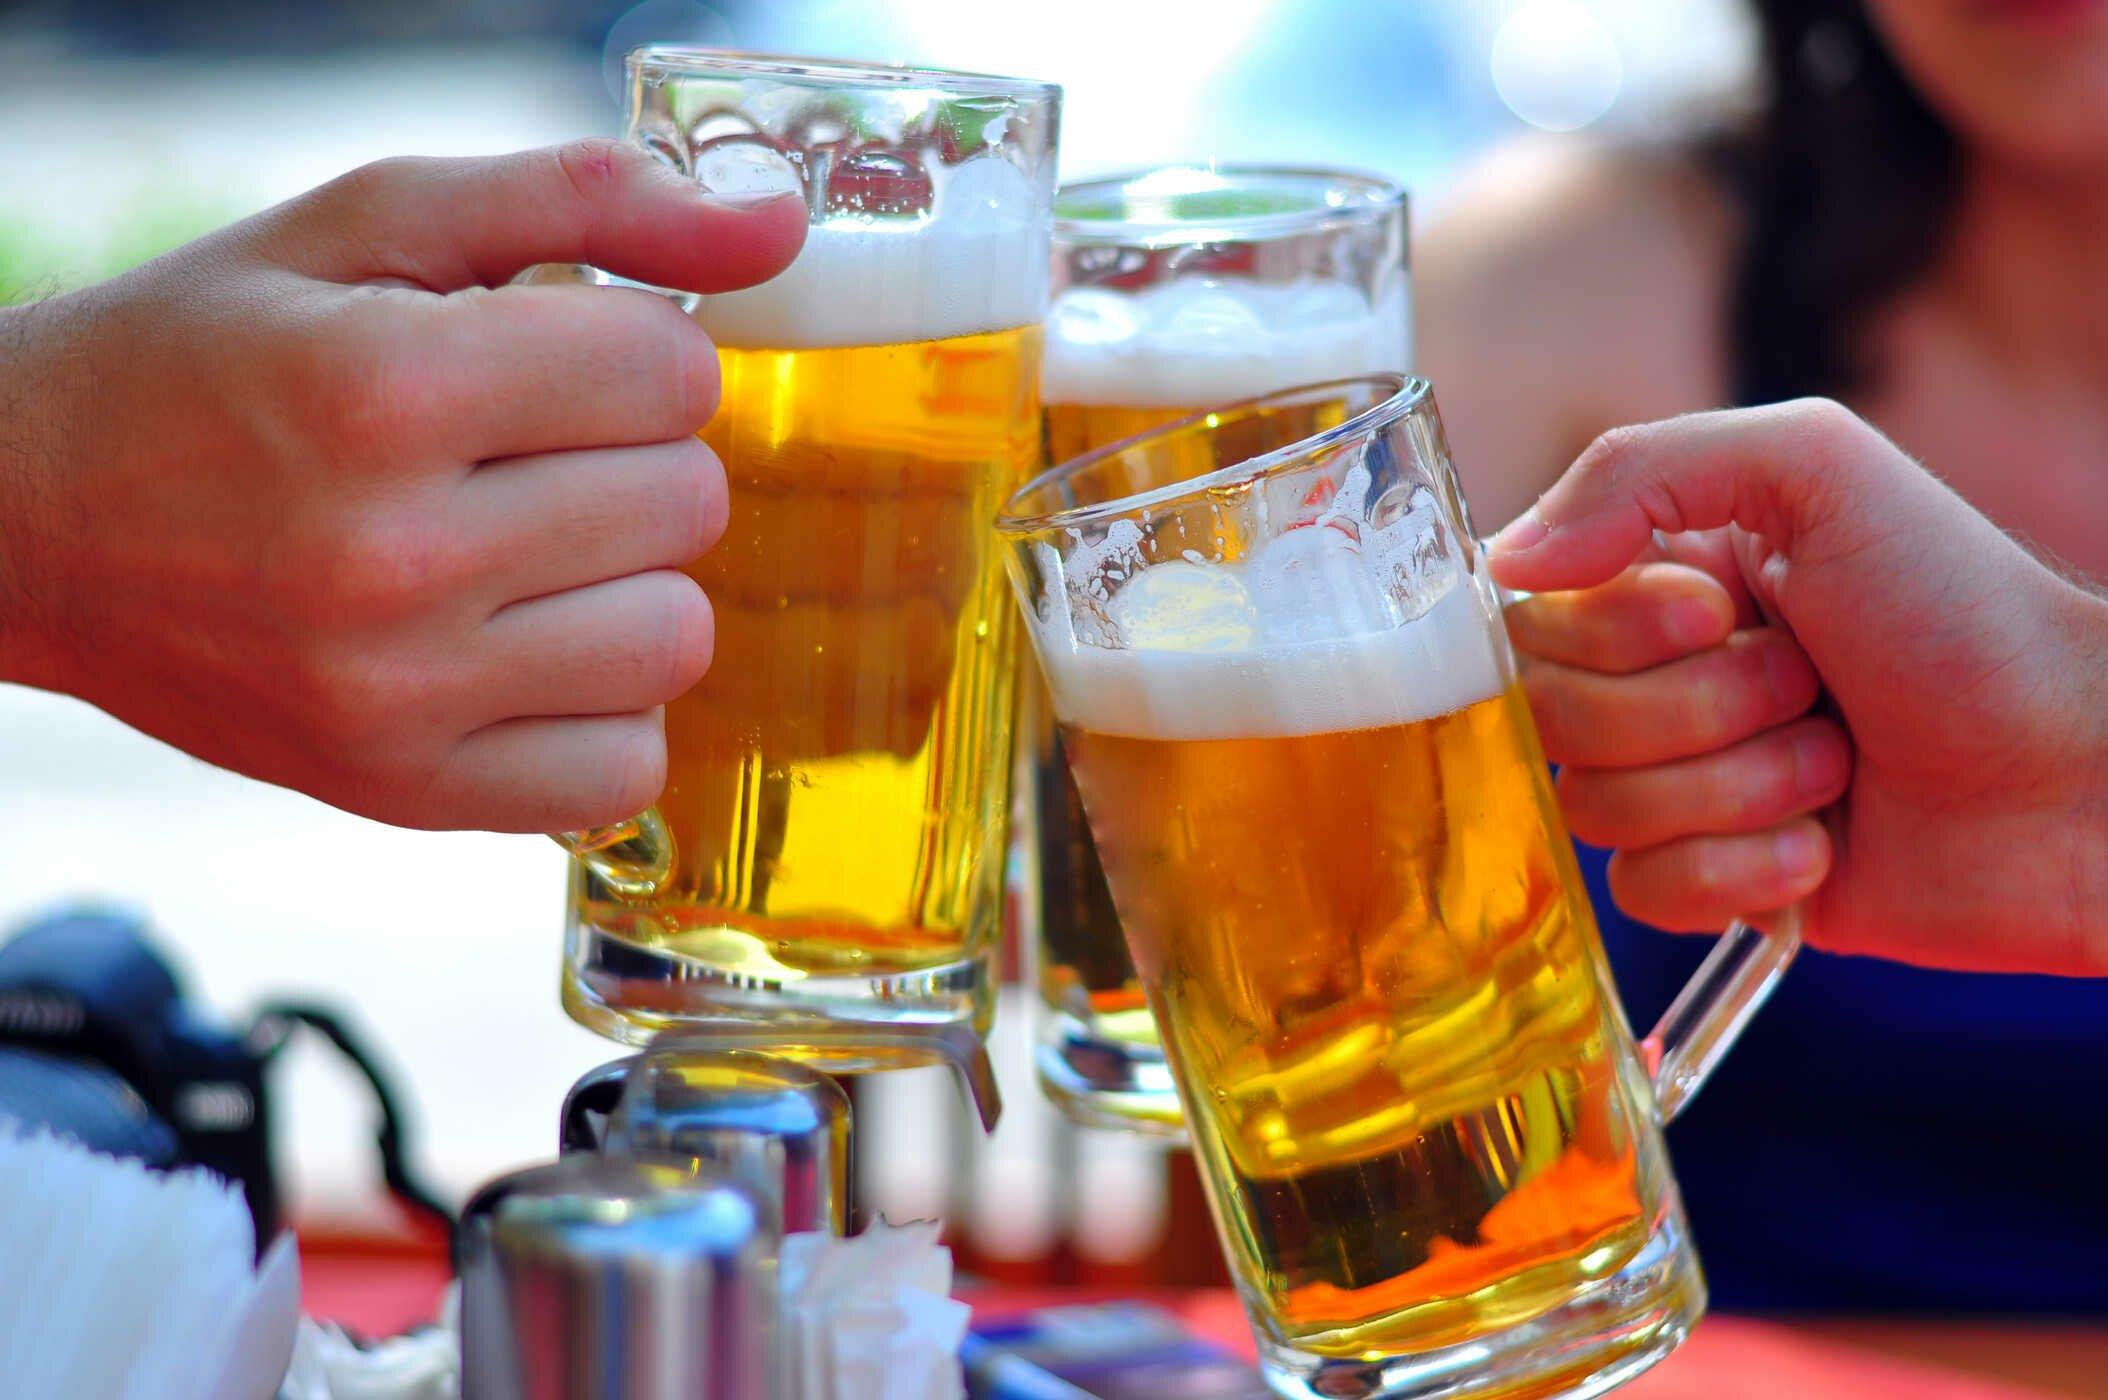 Không lạm dụng bia rượu và các chất kích thích